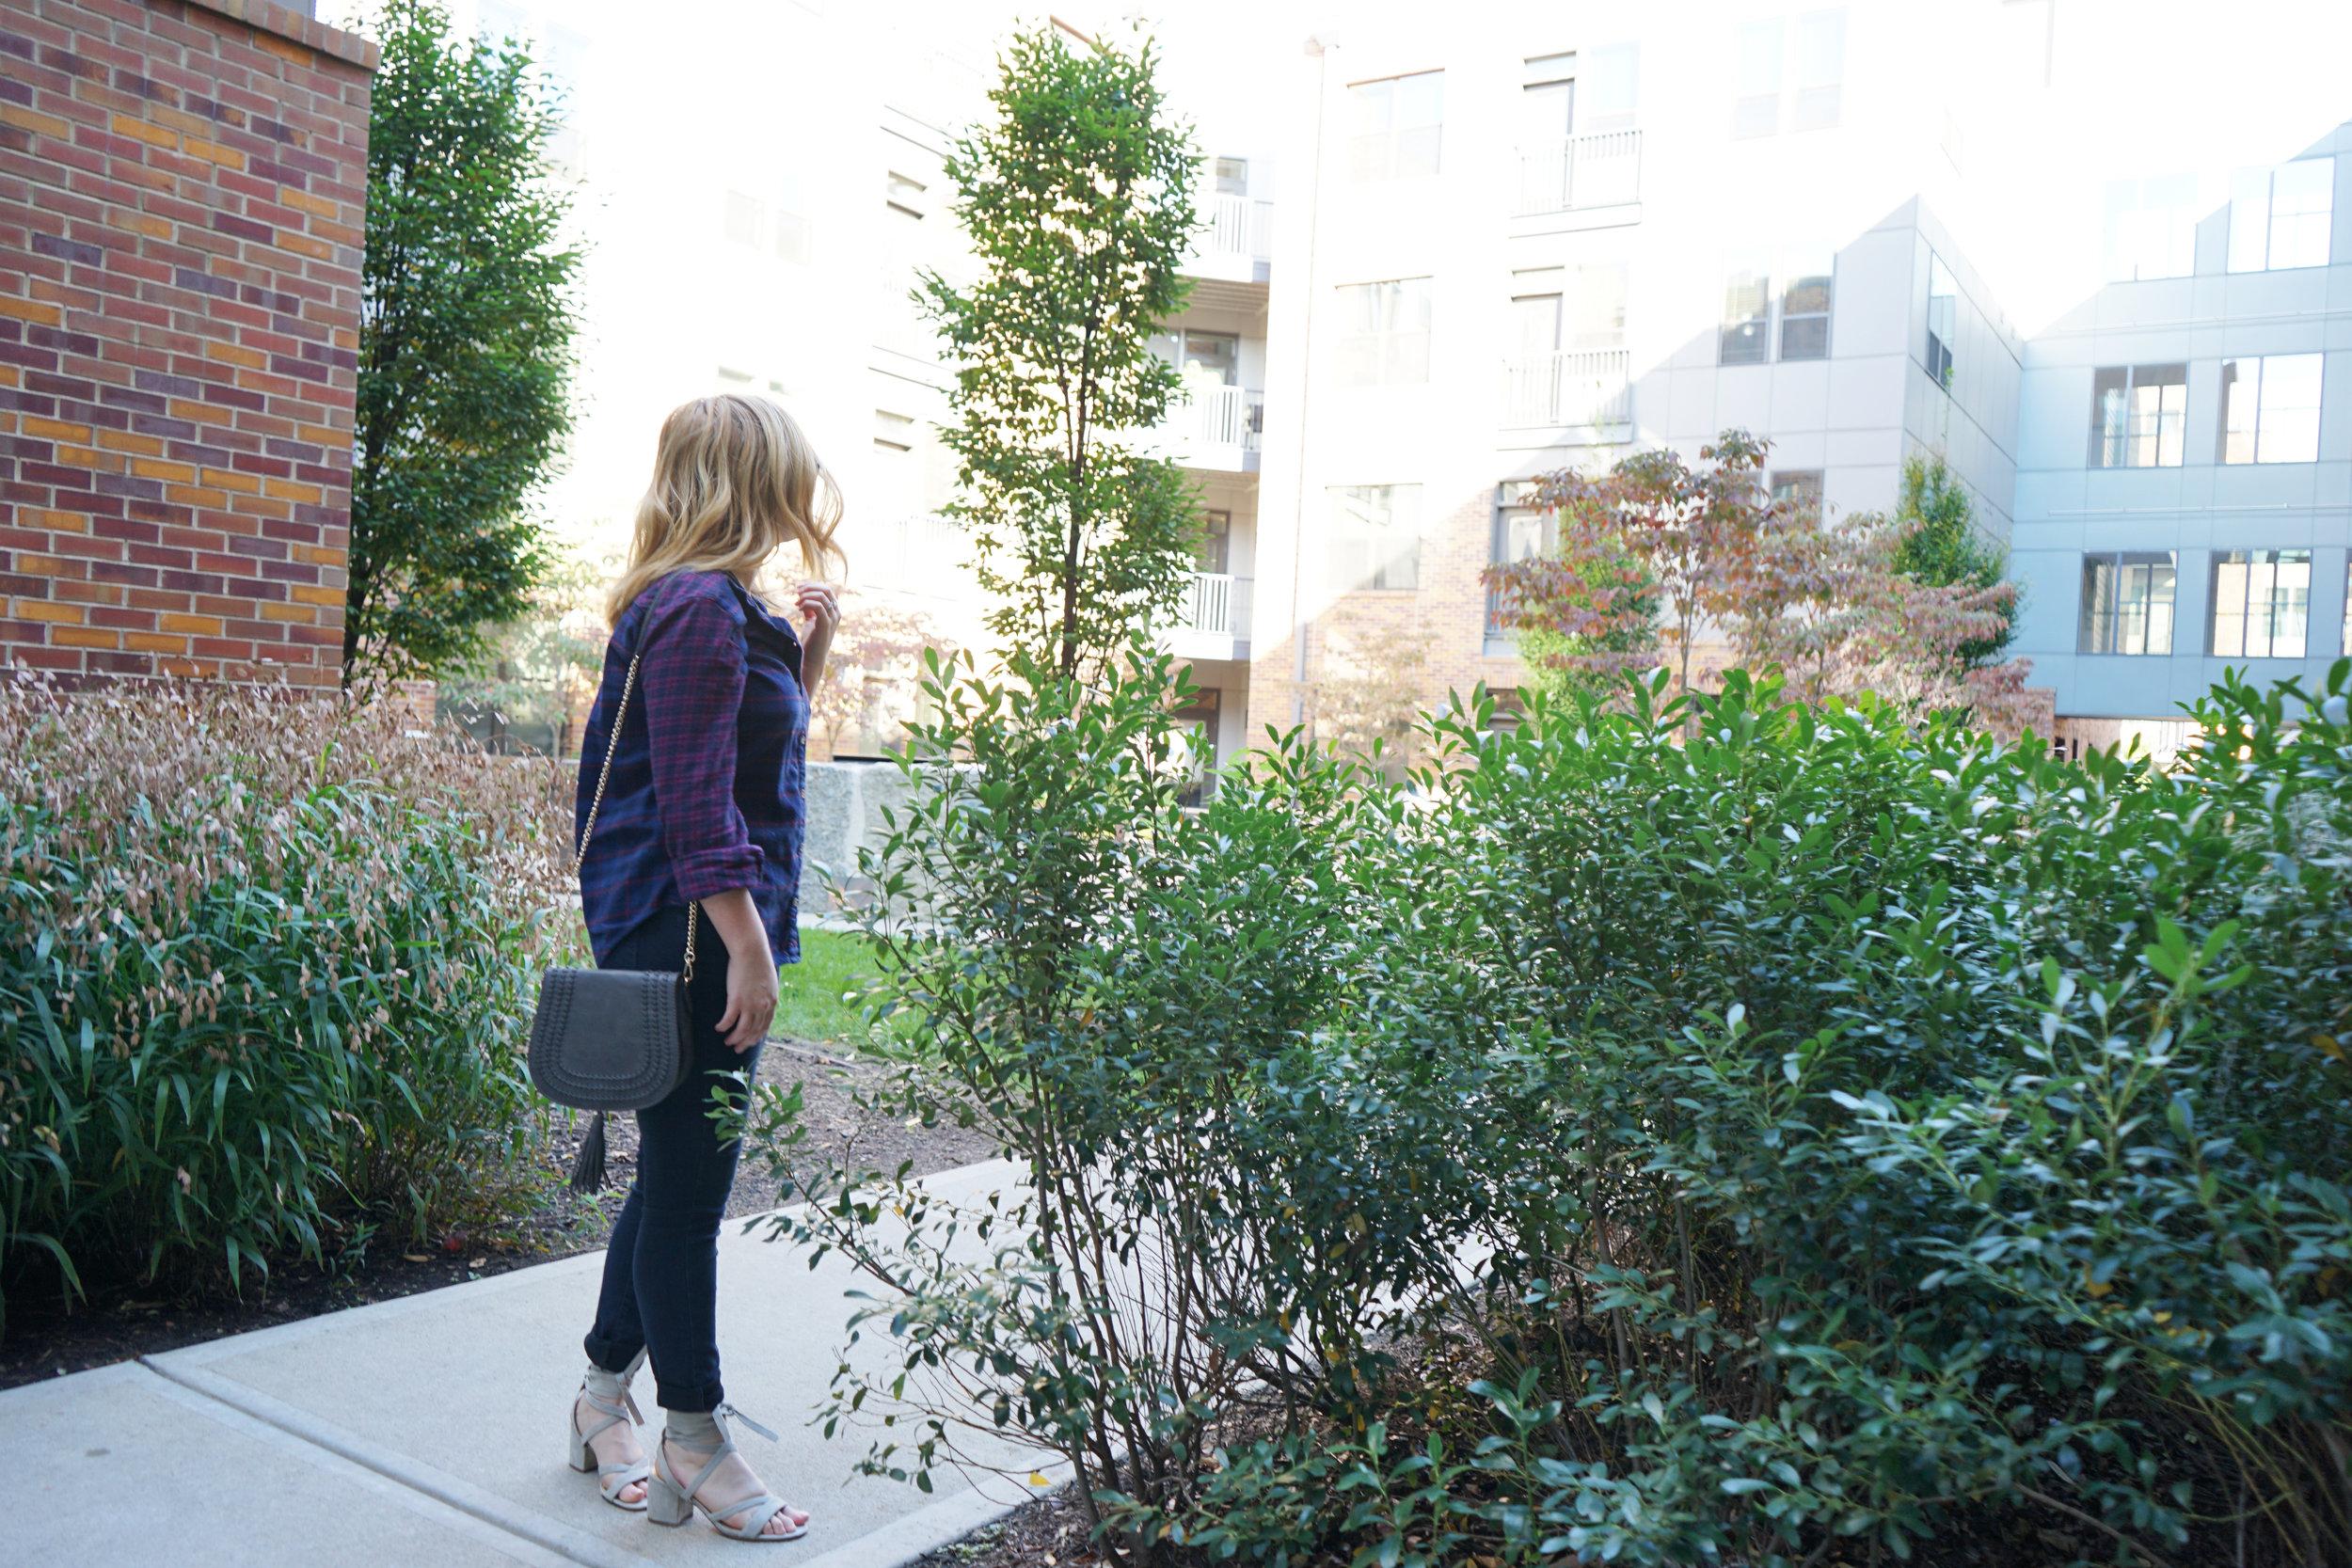 Maggie a la Mode - Dressing in Fall When it Doesn't Feel Like Fall 2.JPG